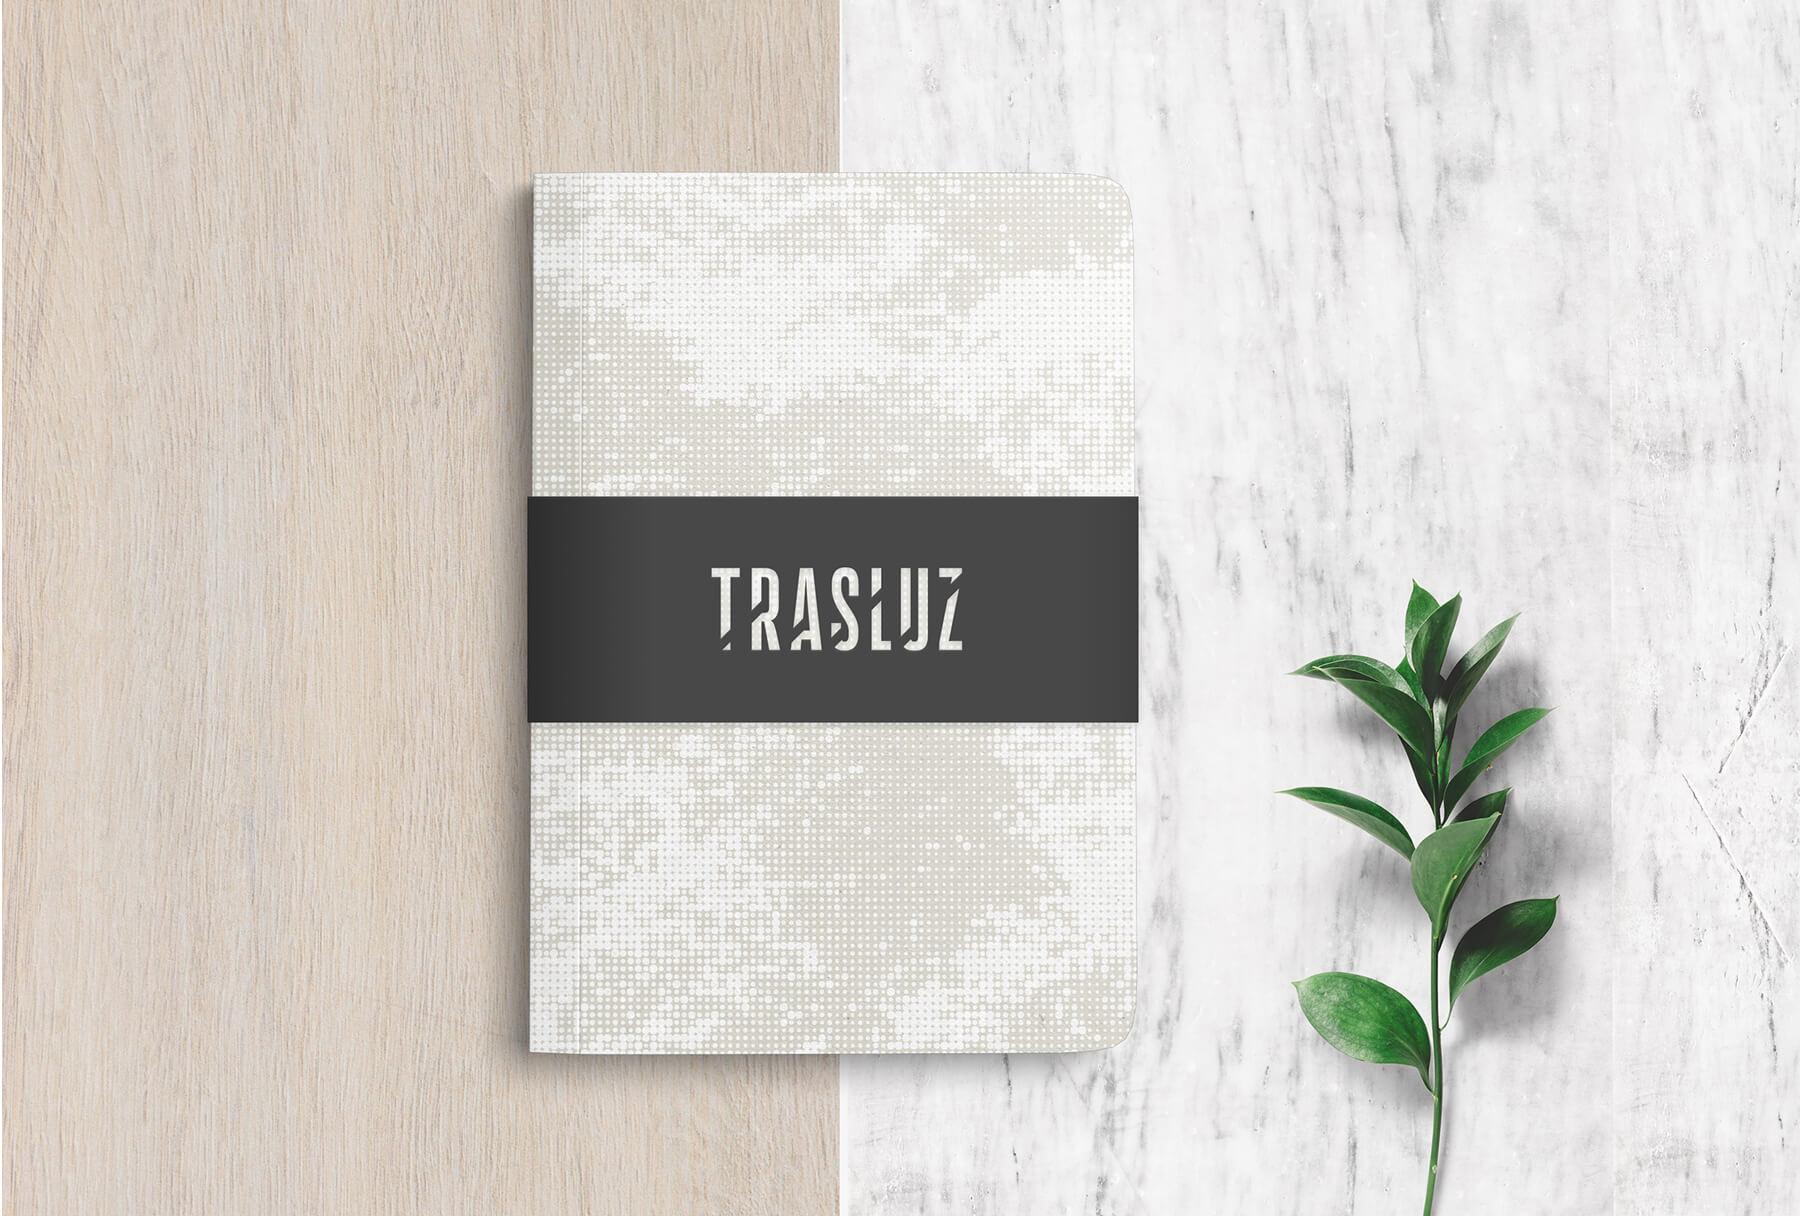 Trasluz-angel-espinosa-05